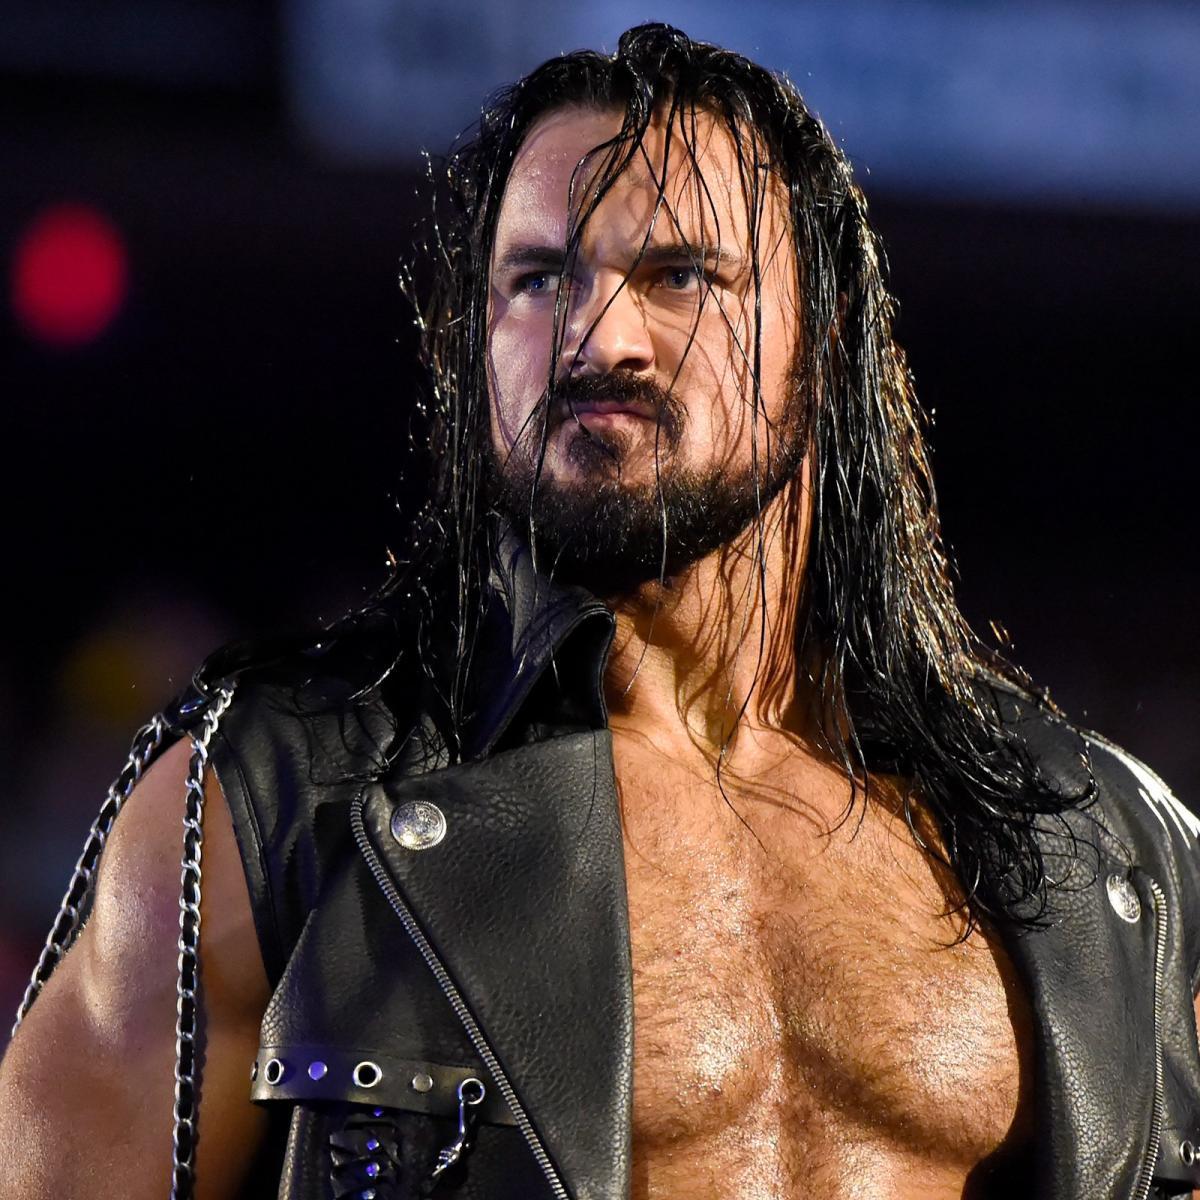 ऐसी पांच चीजें जो रॉयल रम्बल इवेंट में जरुर होनी चाहिएं, बढ़ सकती है WWE की TRP 4